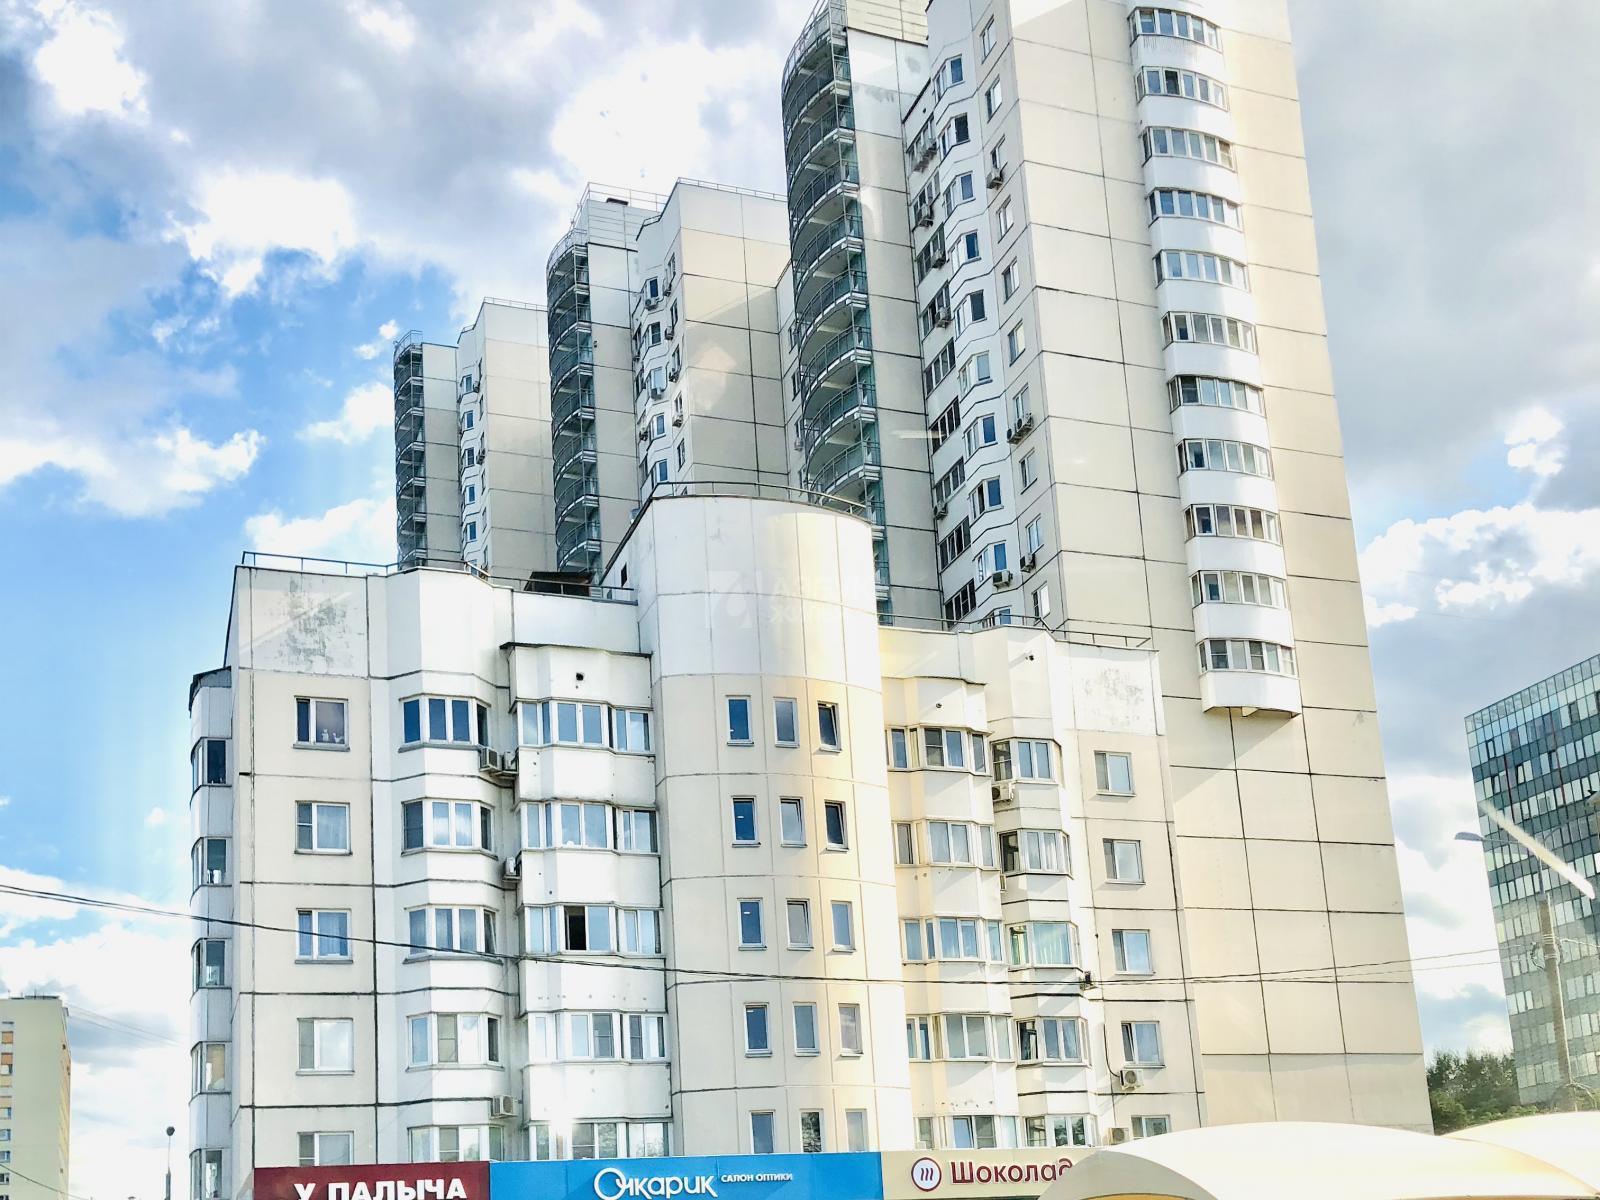 Фото №13 - 1-комнатная квартира, Москва, Зелёный проспект 22, метро Перово